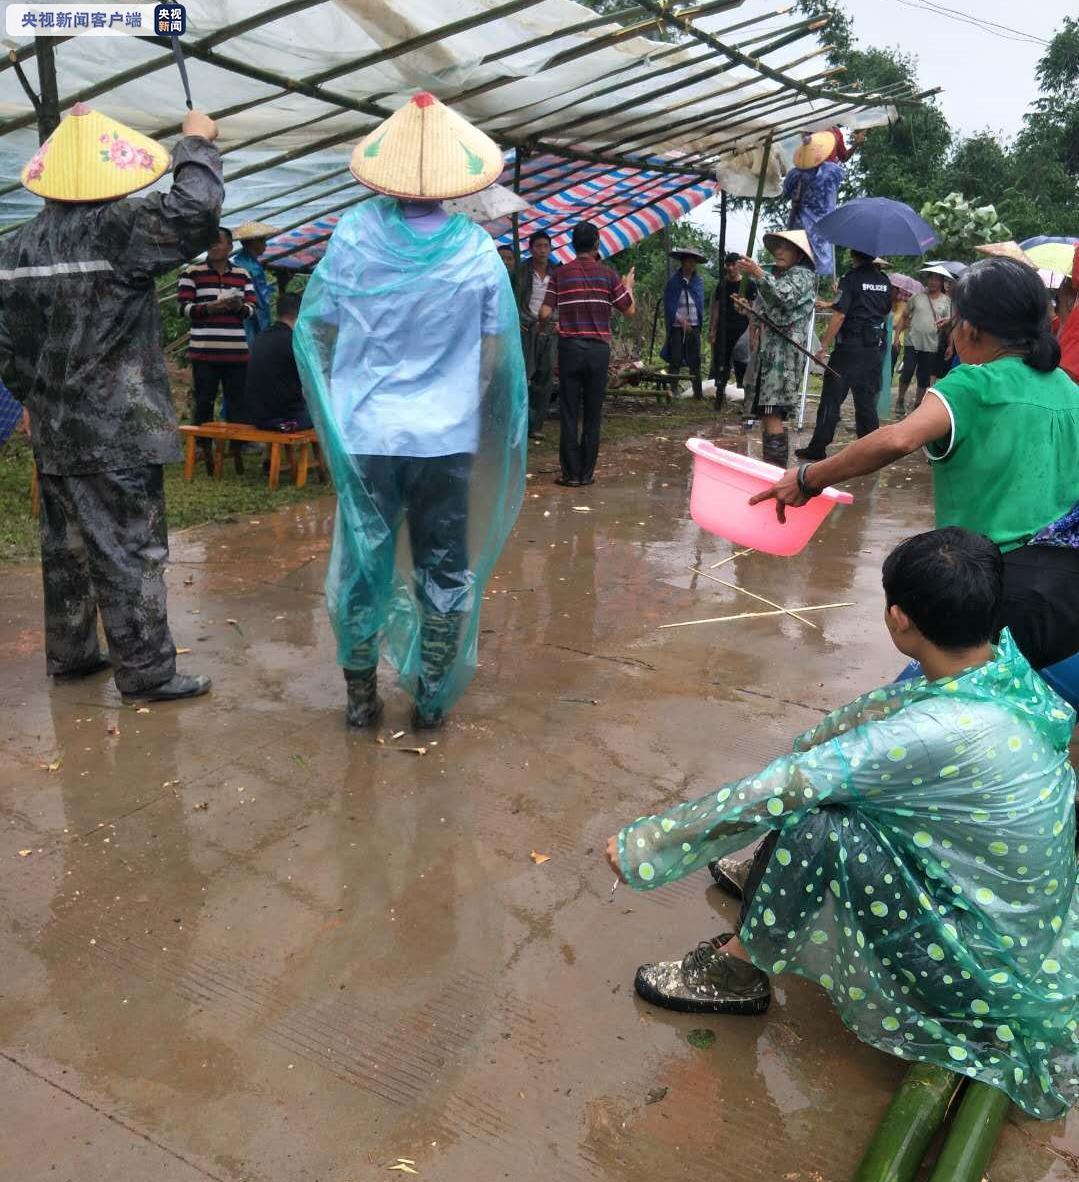 """云南盈江县""""7-18""""洪涝滑坡灾害 已找到1名失联人员遗体图片"""